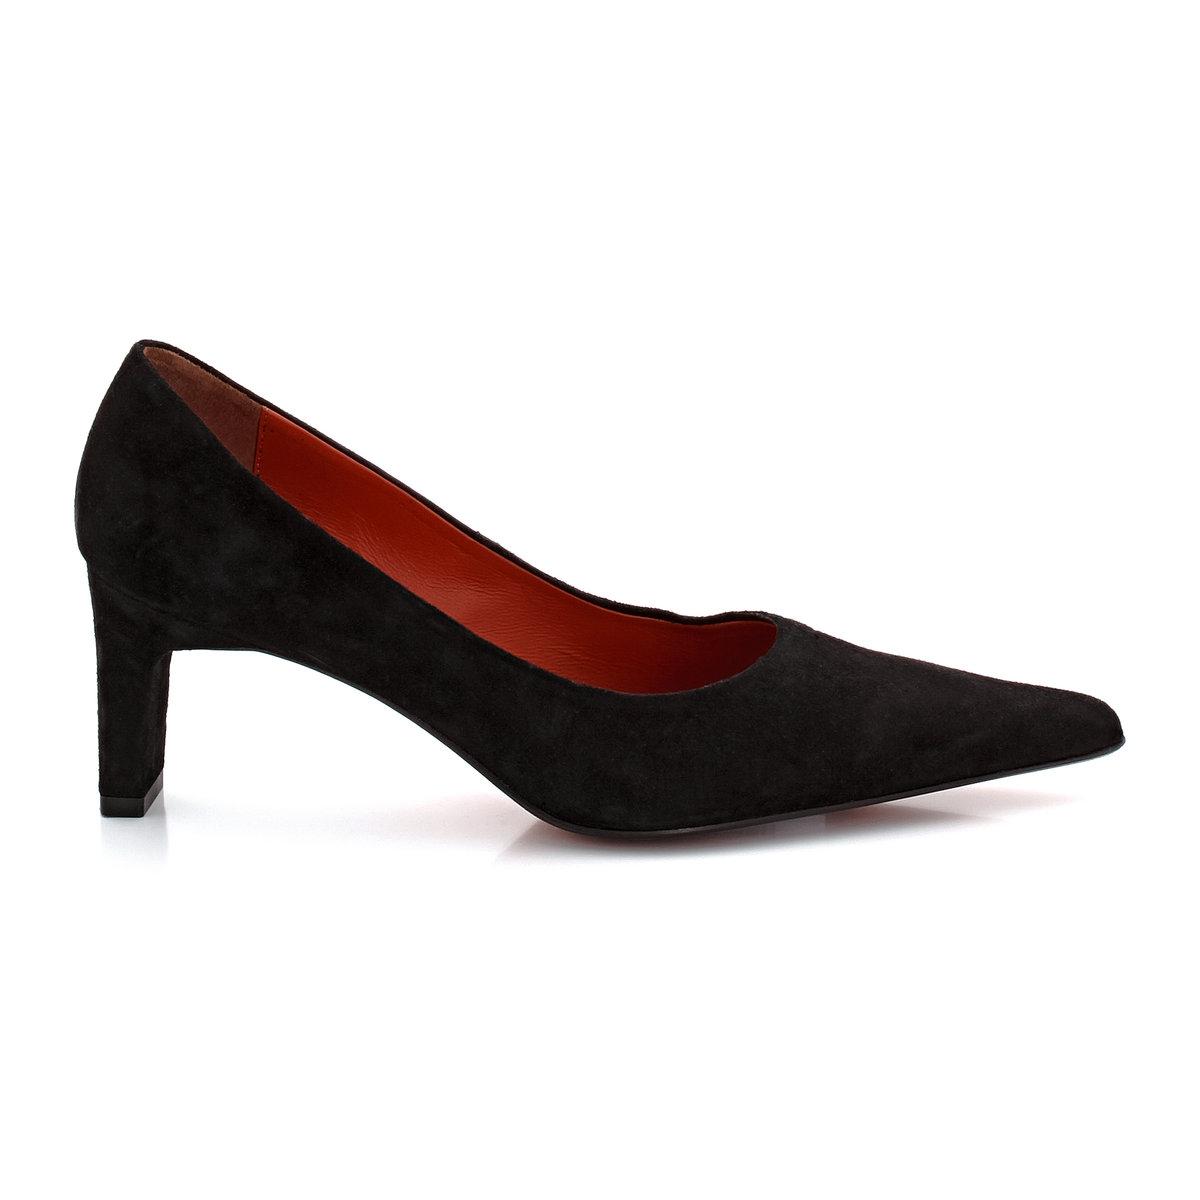 Туфли из кожи KENT от ELIZABETH STUARTТуфли, модель KENT от ELIZABETH STUARTВерх  : велюровая козья кожа.Подкладка  : кожа. Подошва  : кожа. Высота каблука  : 6,7 см.<br><br>Цвет: черный